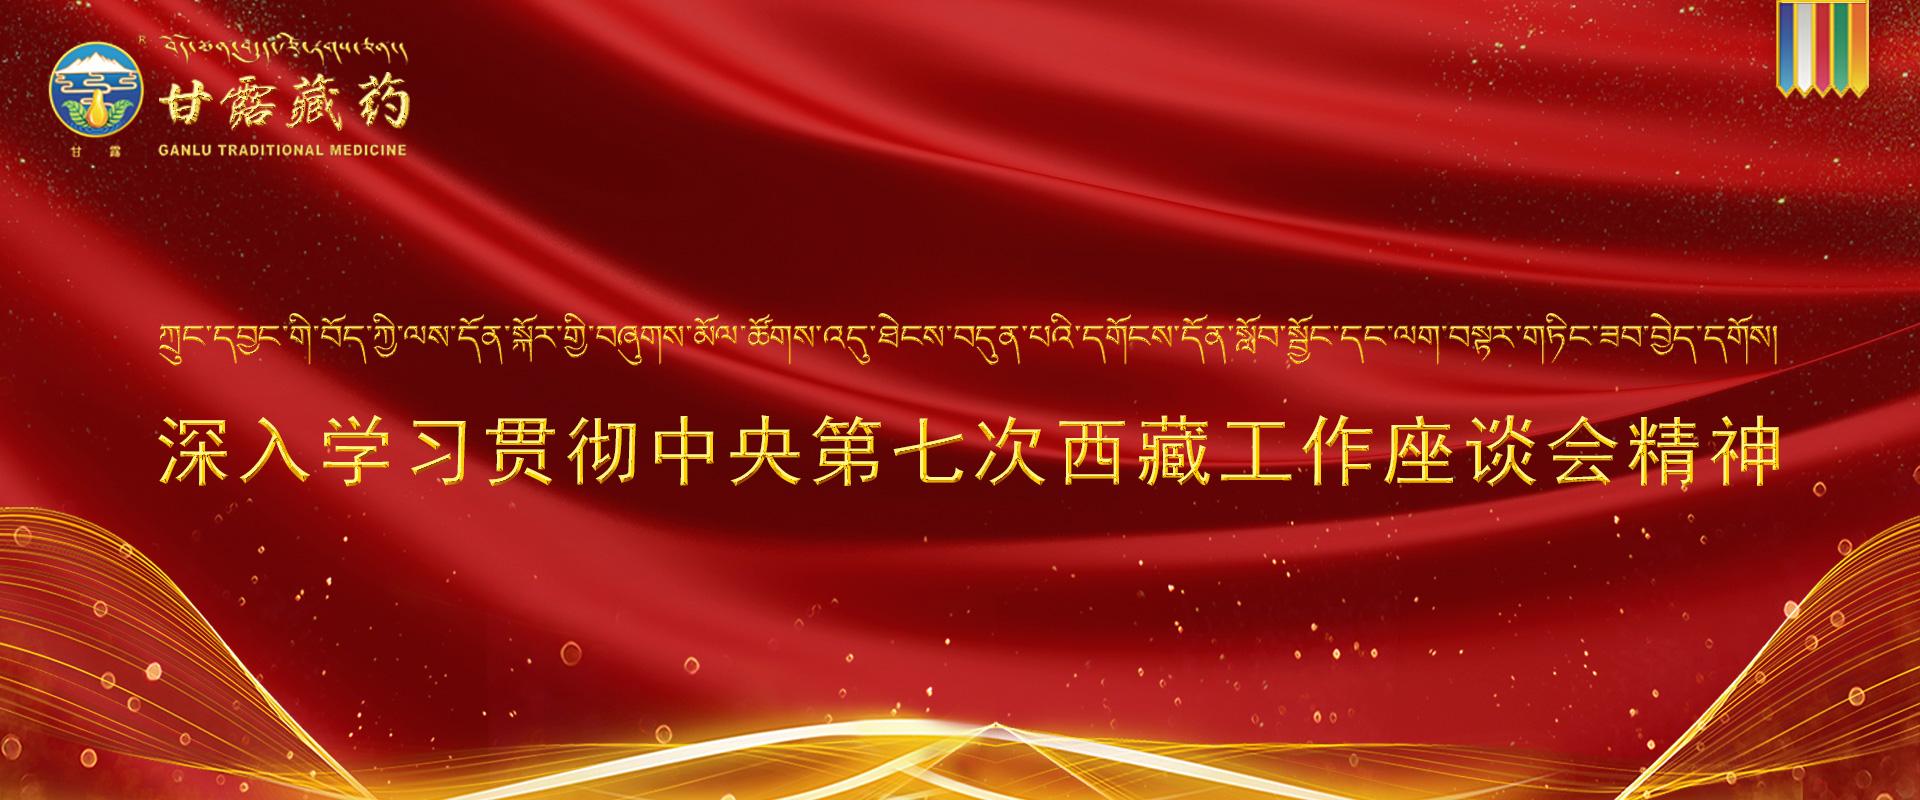 西藏工作座谈会1